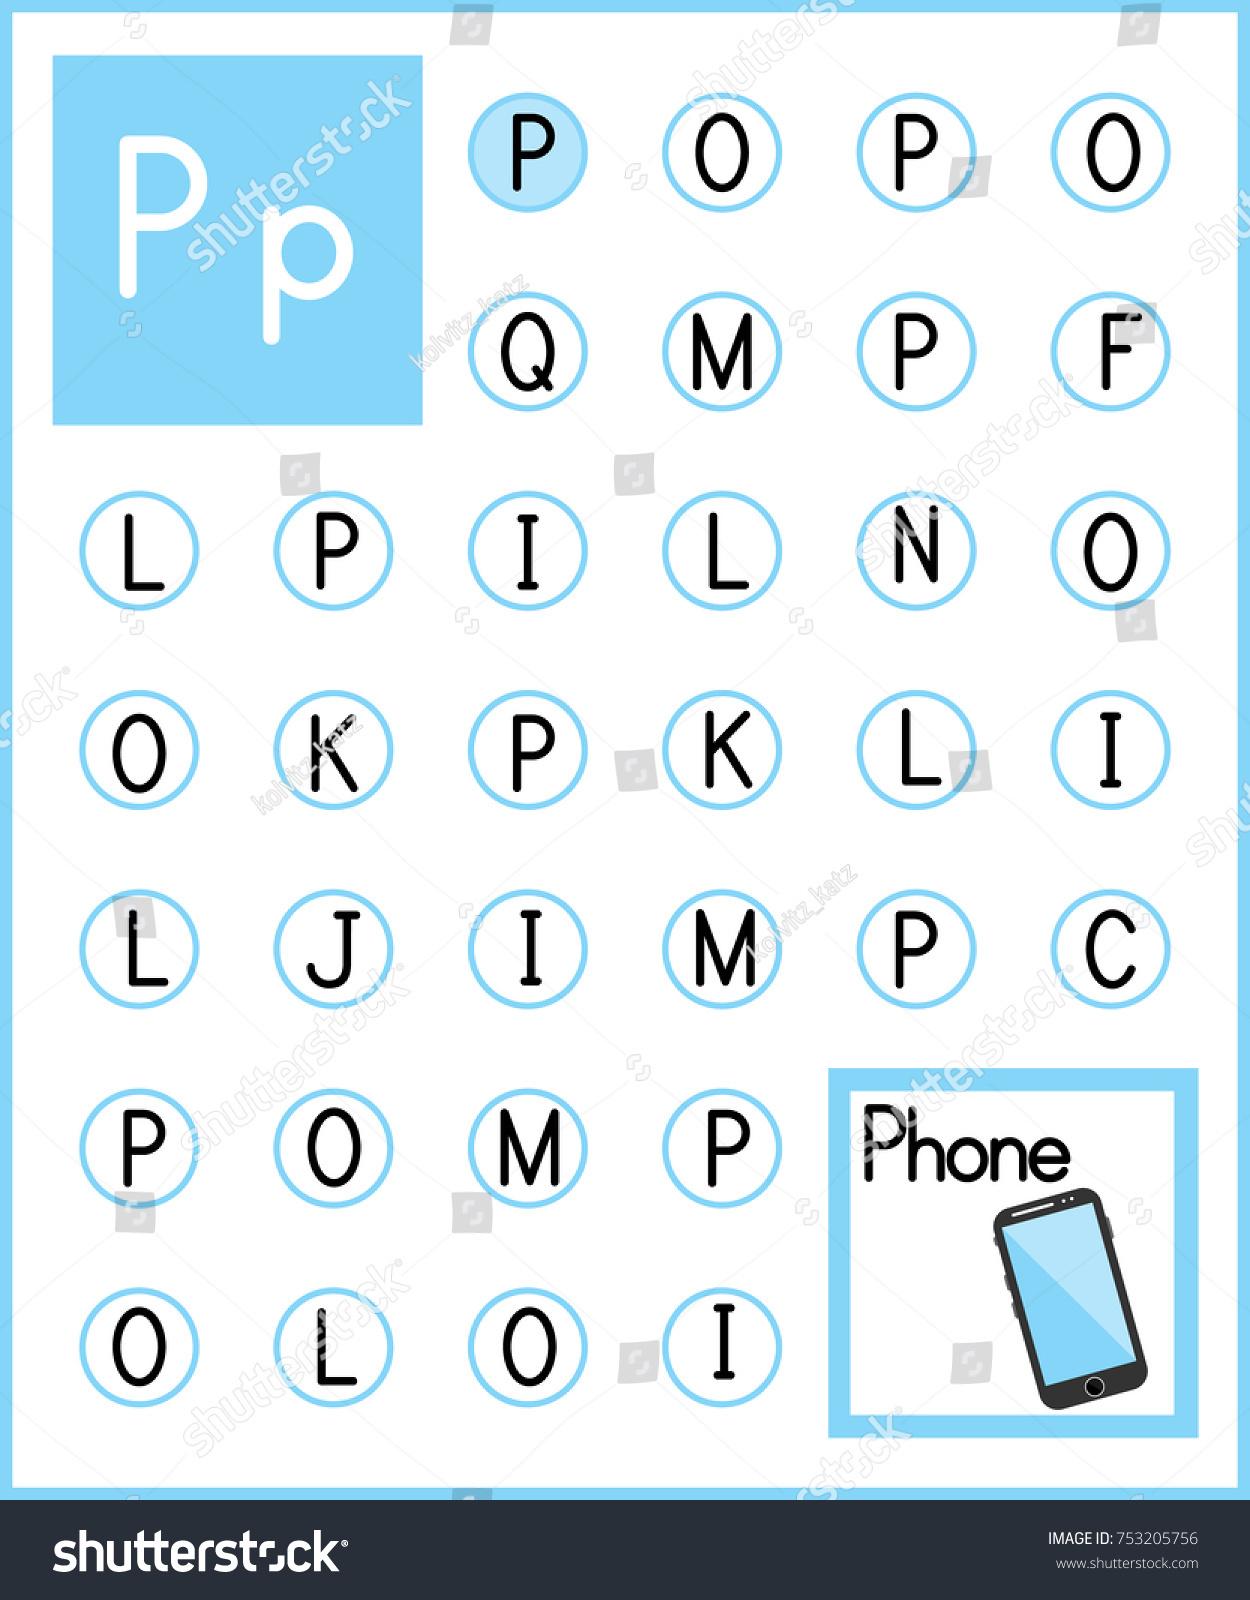 Worksheet Alphabet Activity Pre Schoolers Kindergarten Stock Vector